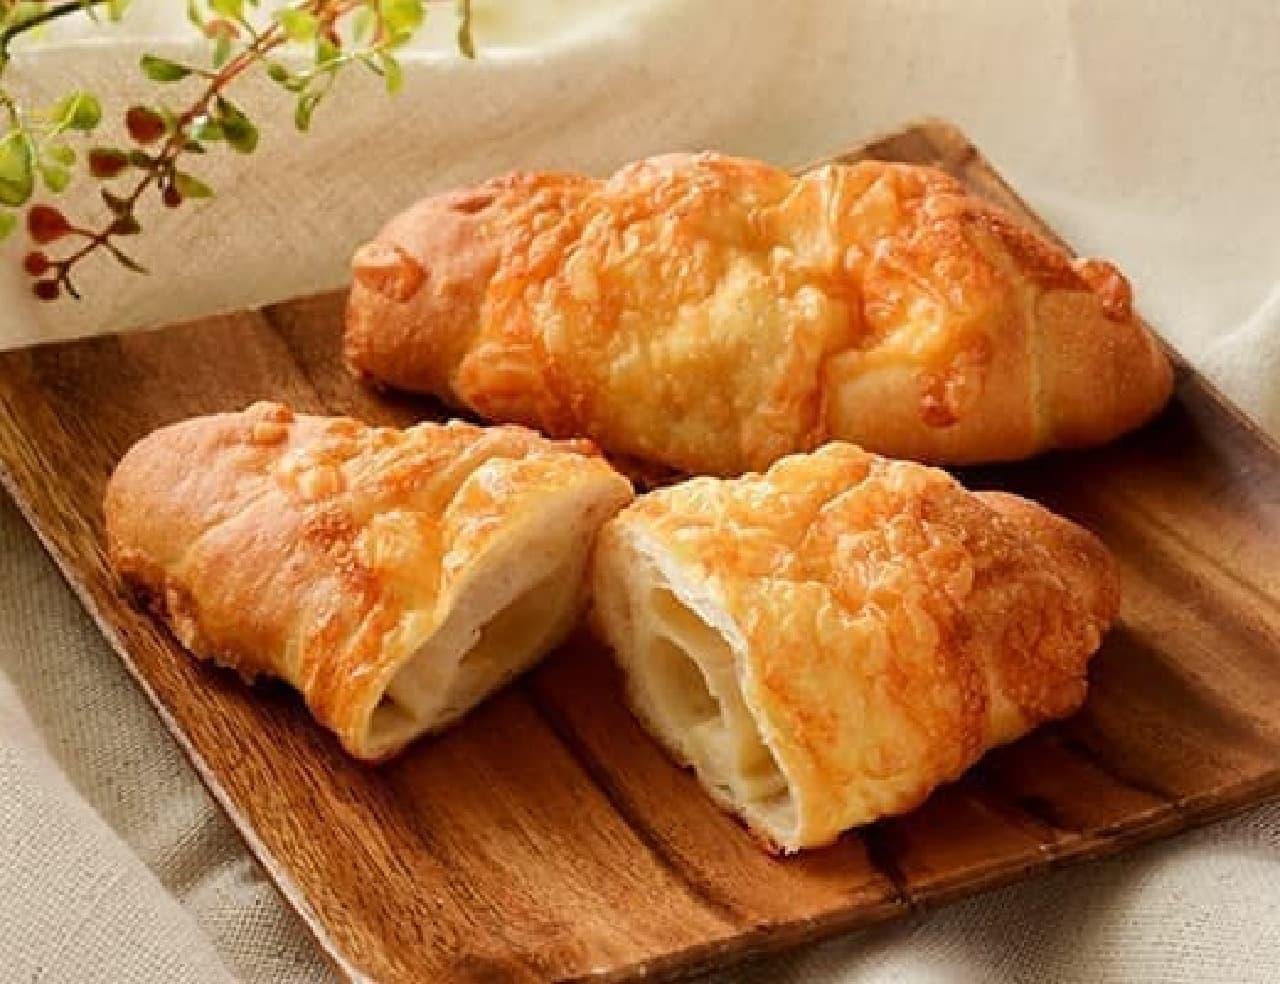 ローソン「マチノパン 塩バターチーズパン」